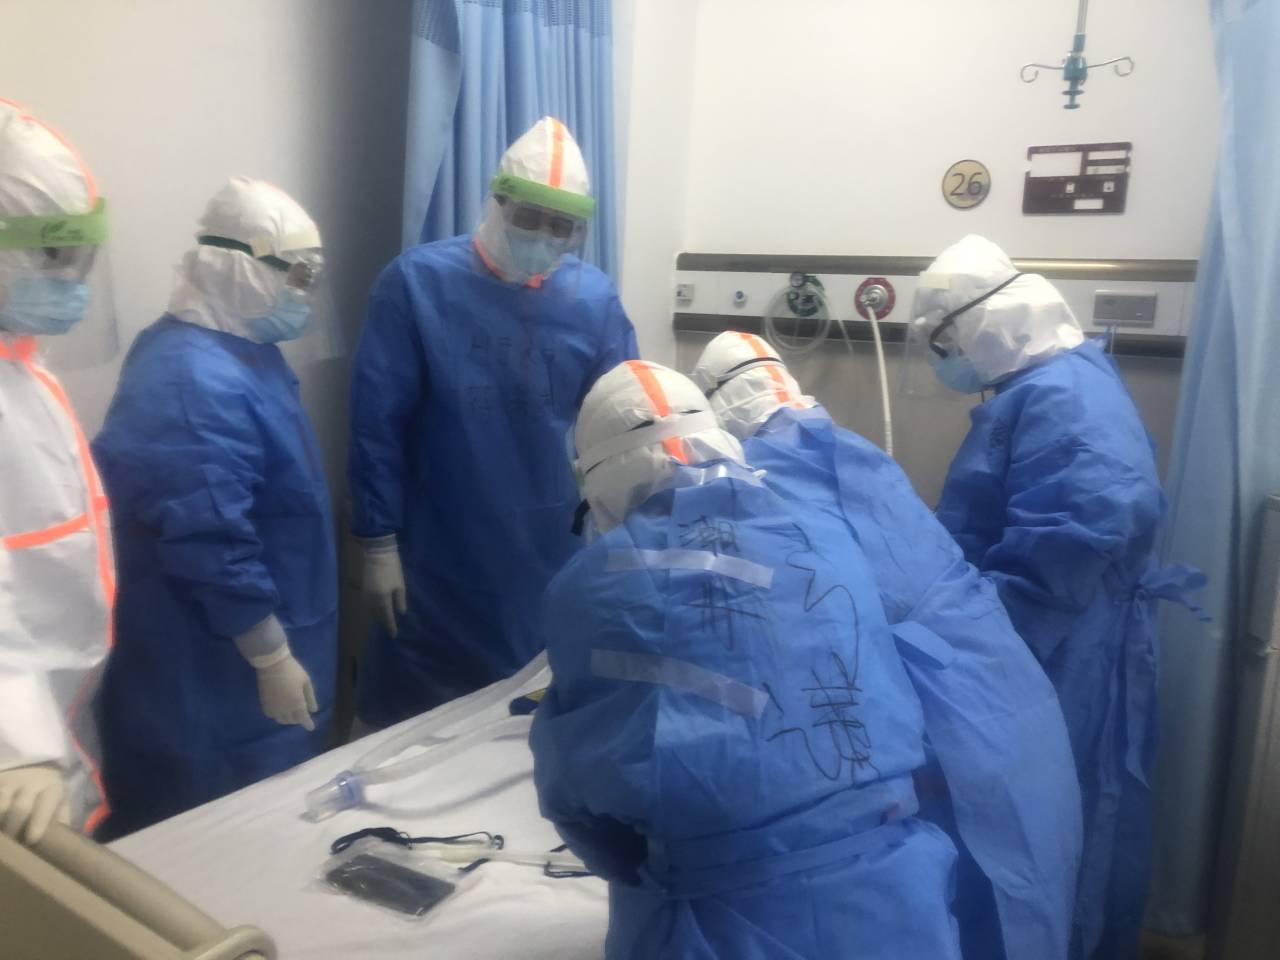 江門第三批醫療隊4名護士今早進駐病區 6個小時沒吃沒喝